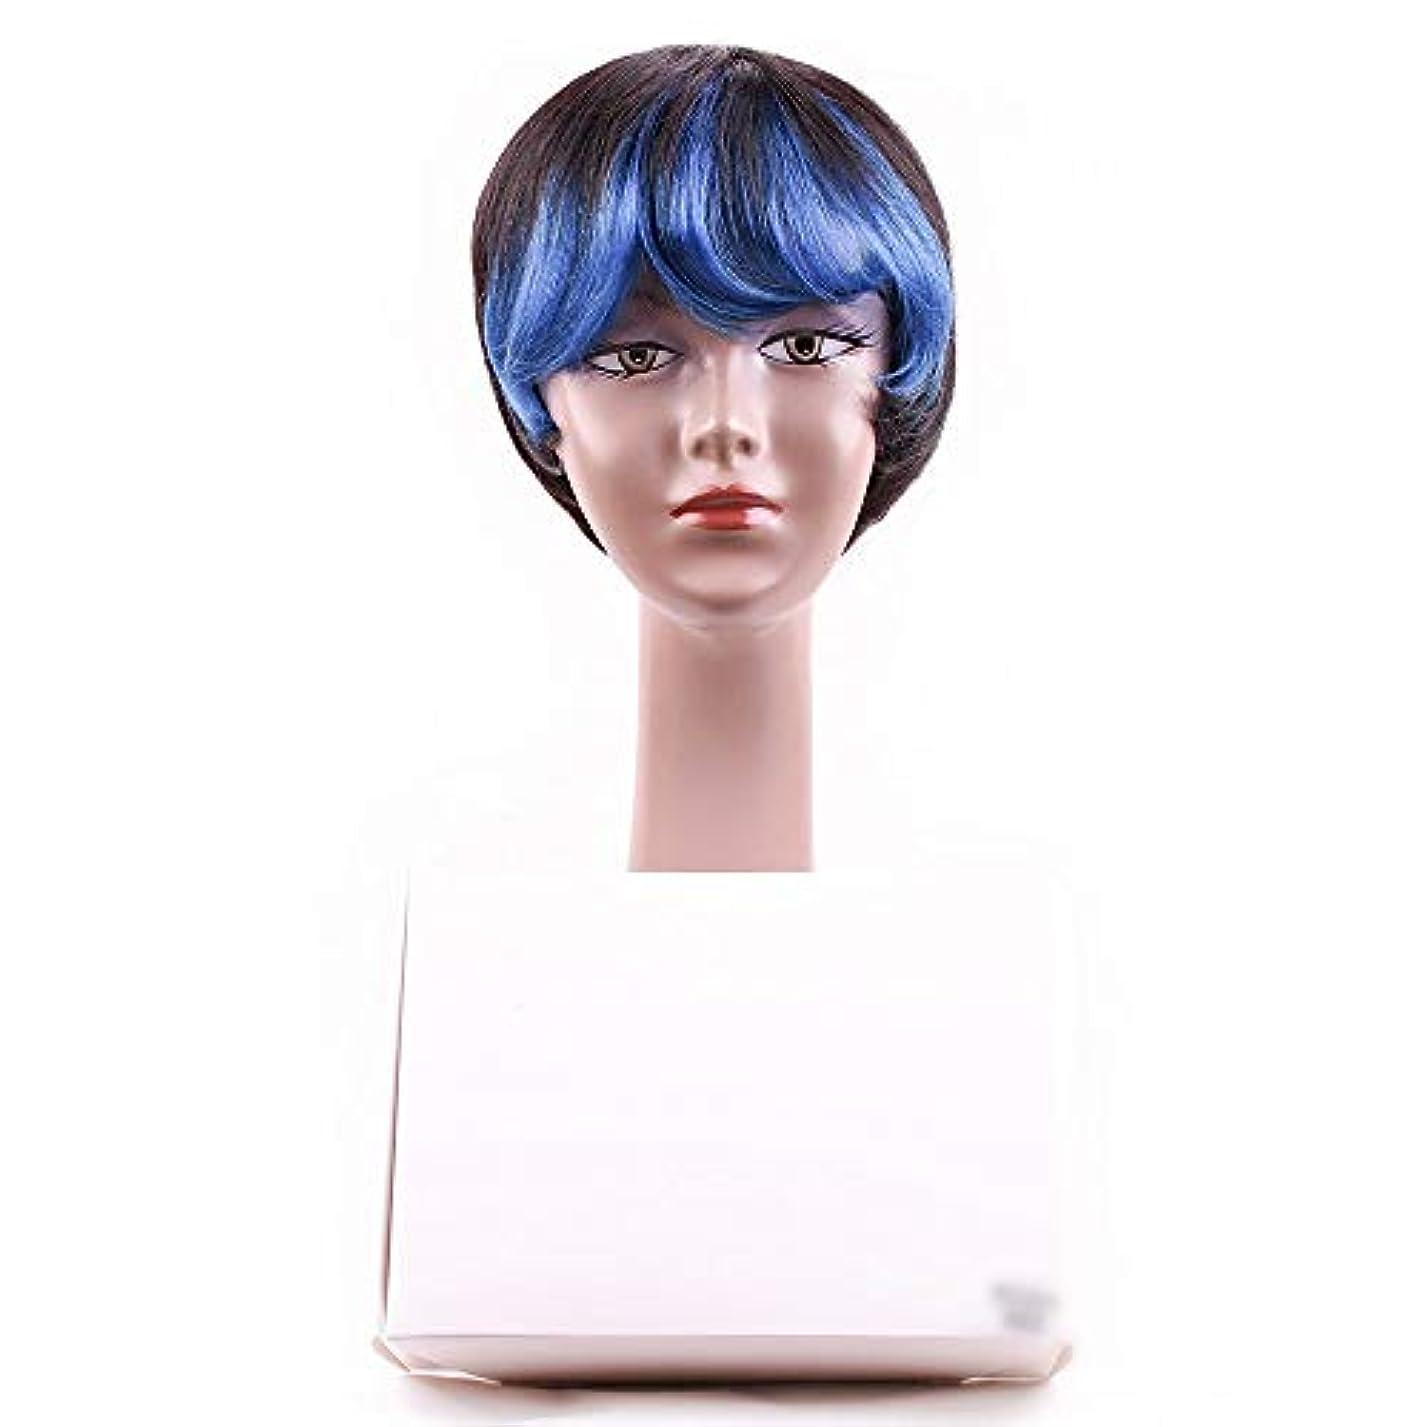 分注するウナギ動物YOUQIU 斜め前髪完全な頭部コスプレパーティーウィッグかつらと女性の人間の毛髪のショートボブウィッグ (色 : 青)